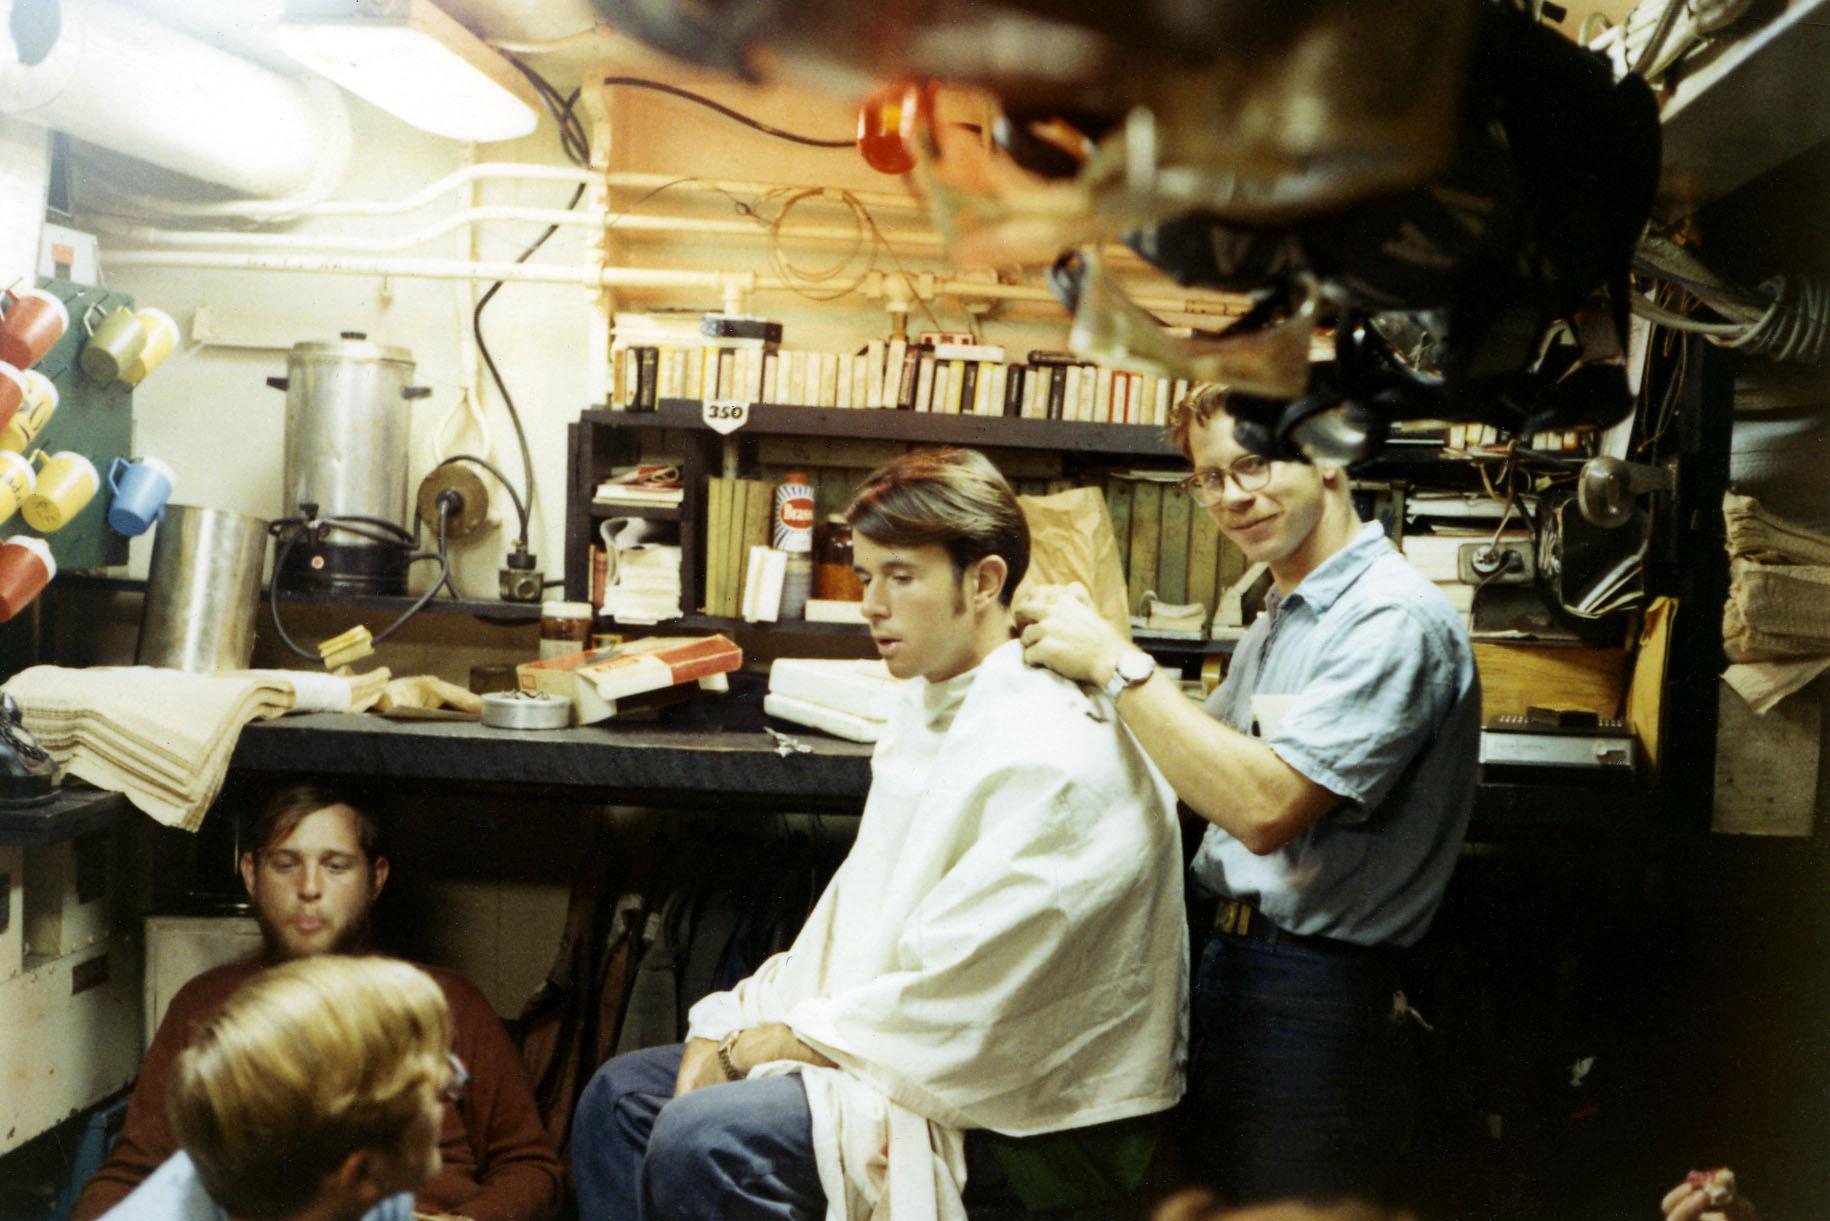 06-higgins-giving-haircut-stan-kramer-far-left-w